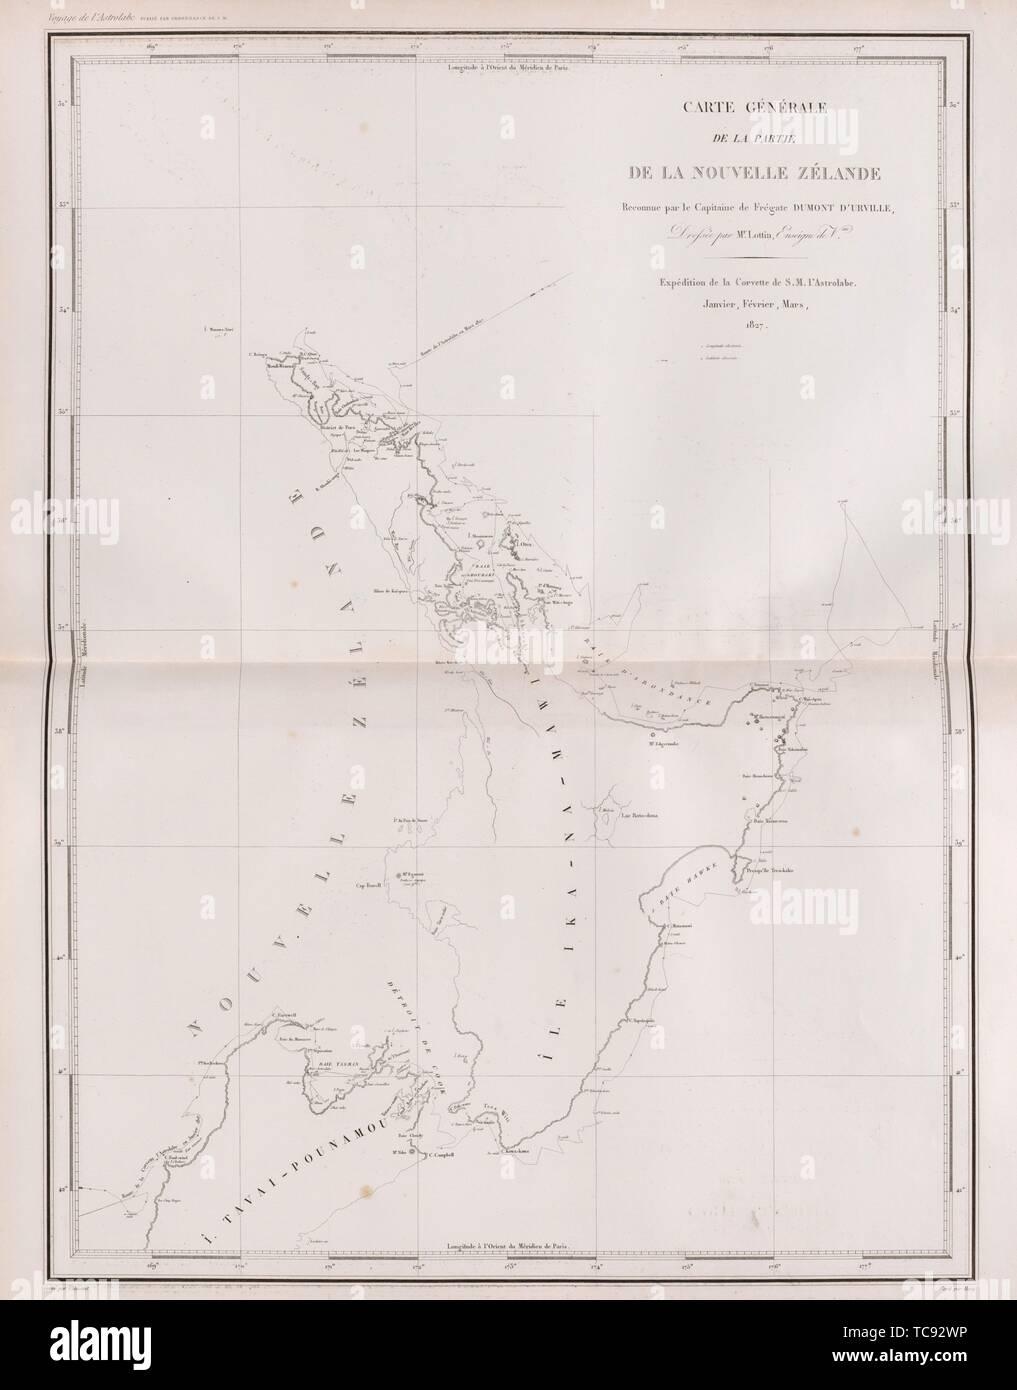 Carte génerale, de la partie, de la nouvelle zélande, reconnue par le capitaine de Frégate Dumont D'urville, Drefsée per Mr. Lottin, enseigne de vau, - Stock Image